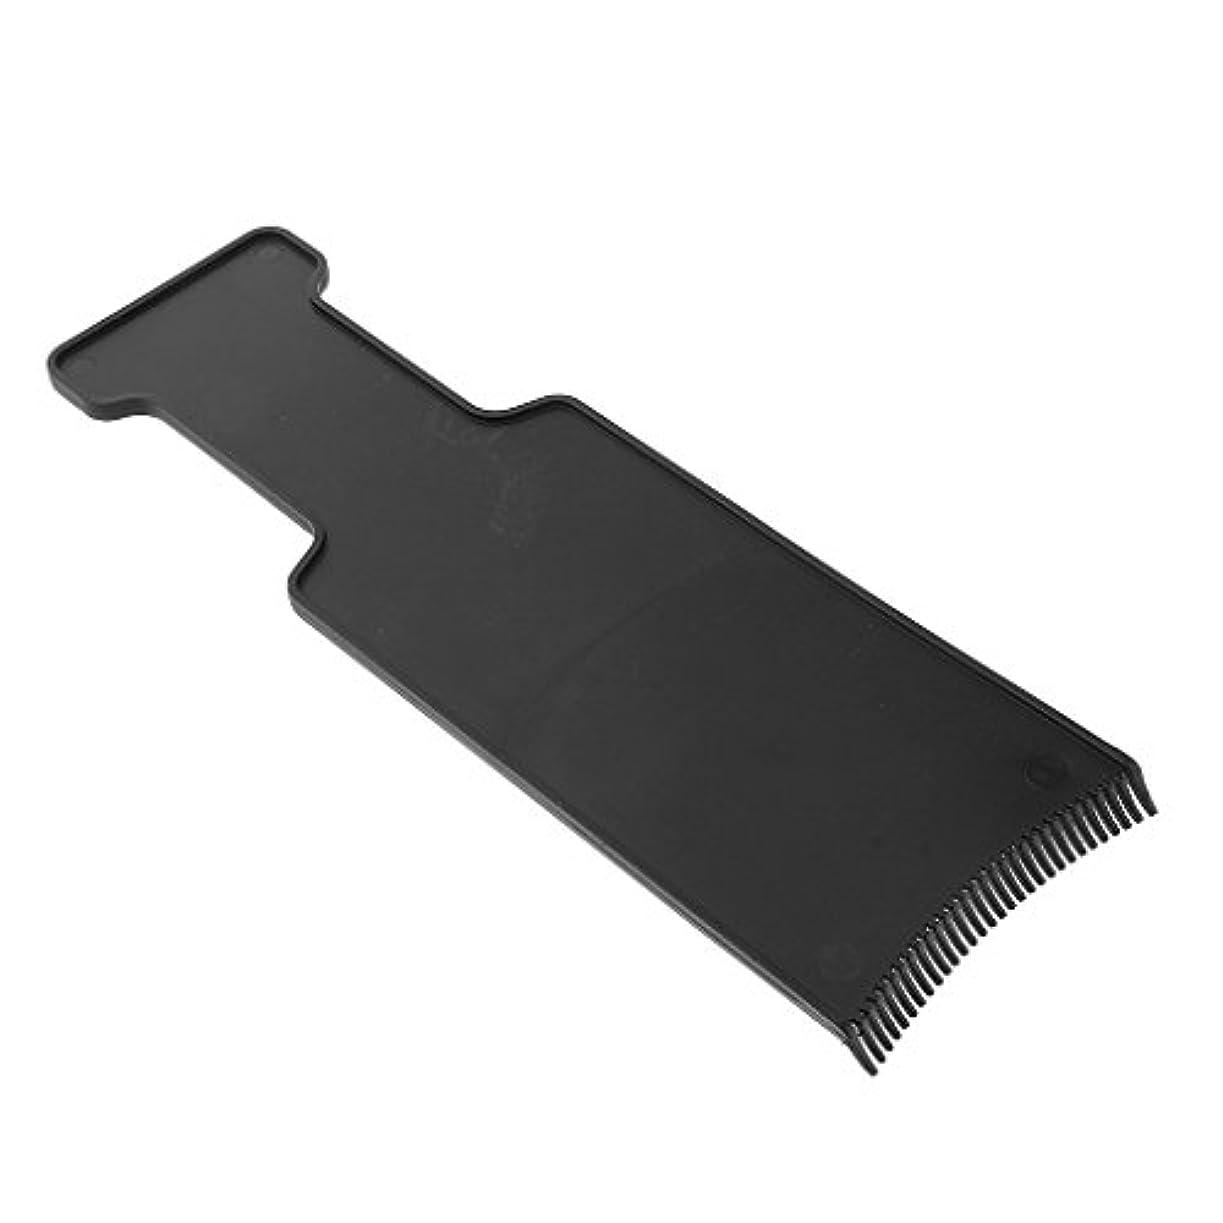 回復するコンパクトバイオリンヘアカラー ボード 染色 ツール ブラック 全4サイズ - M